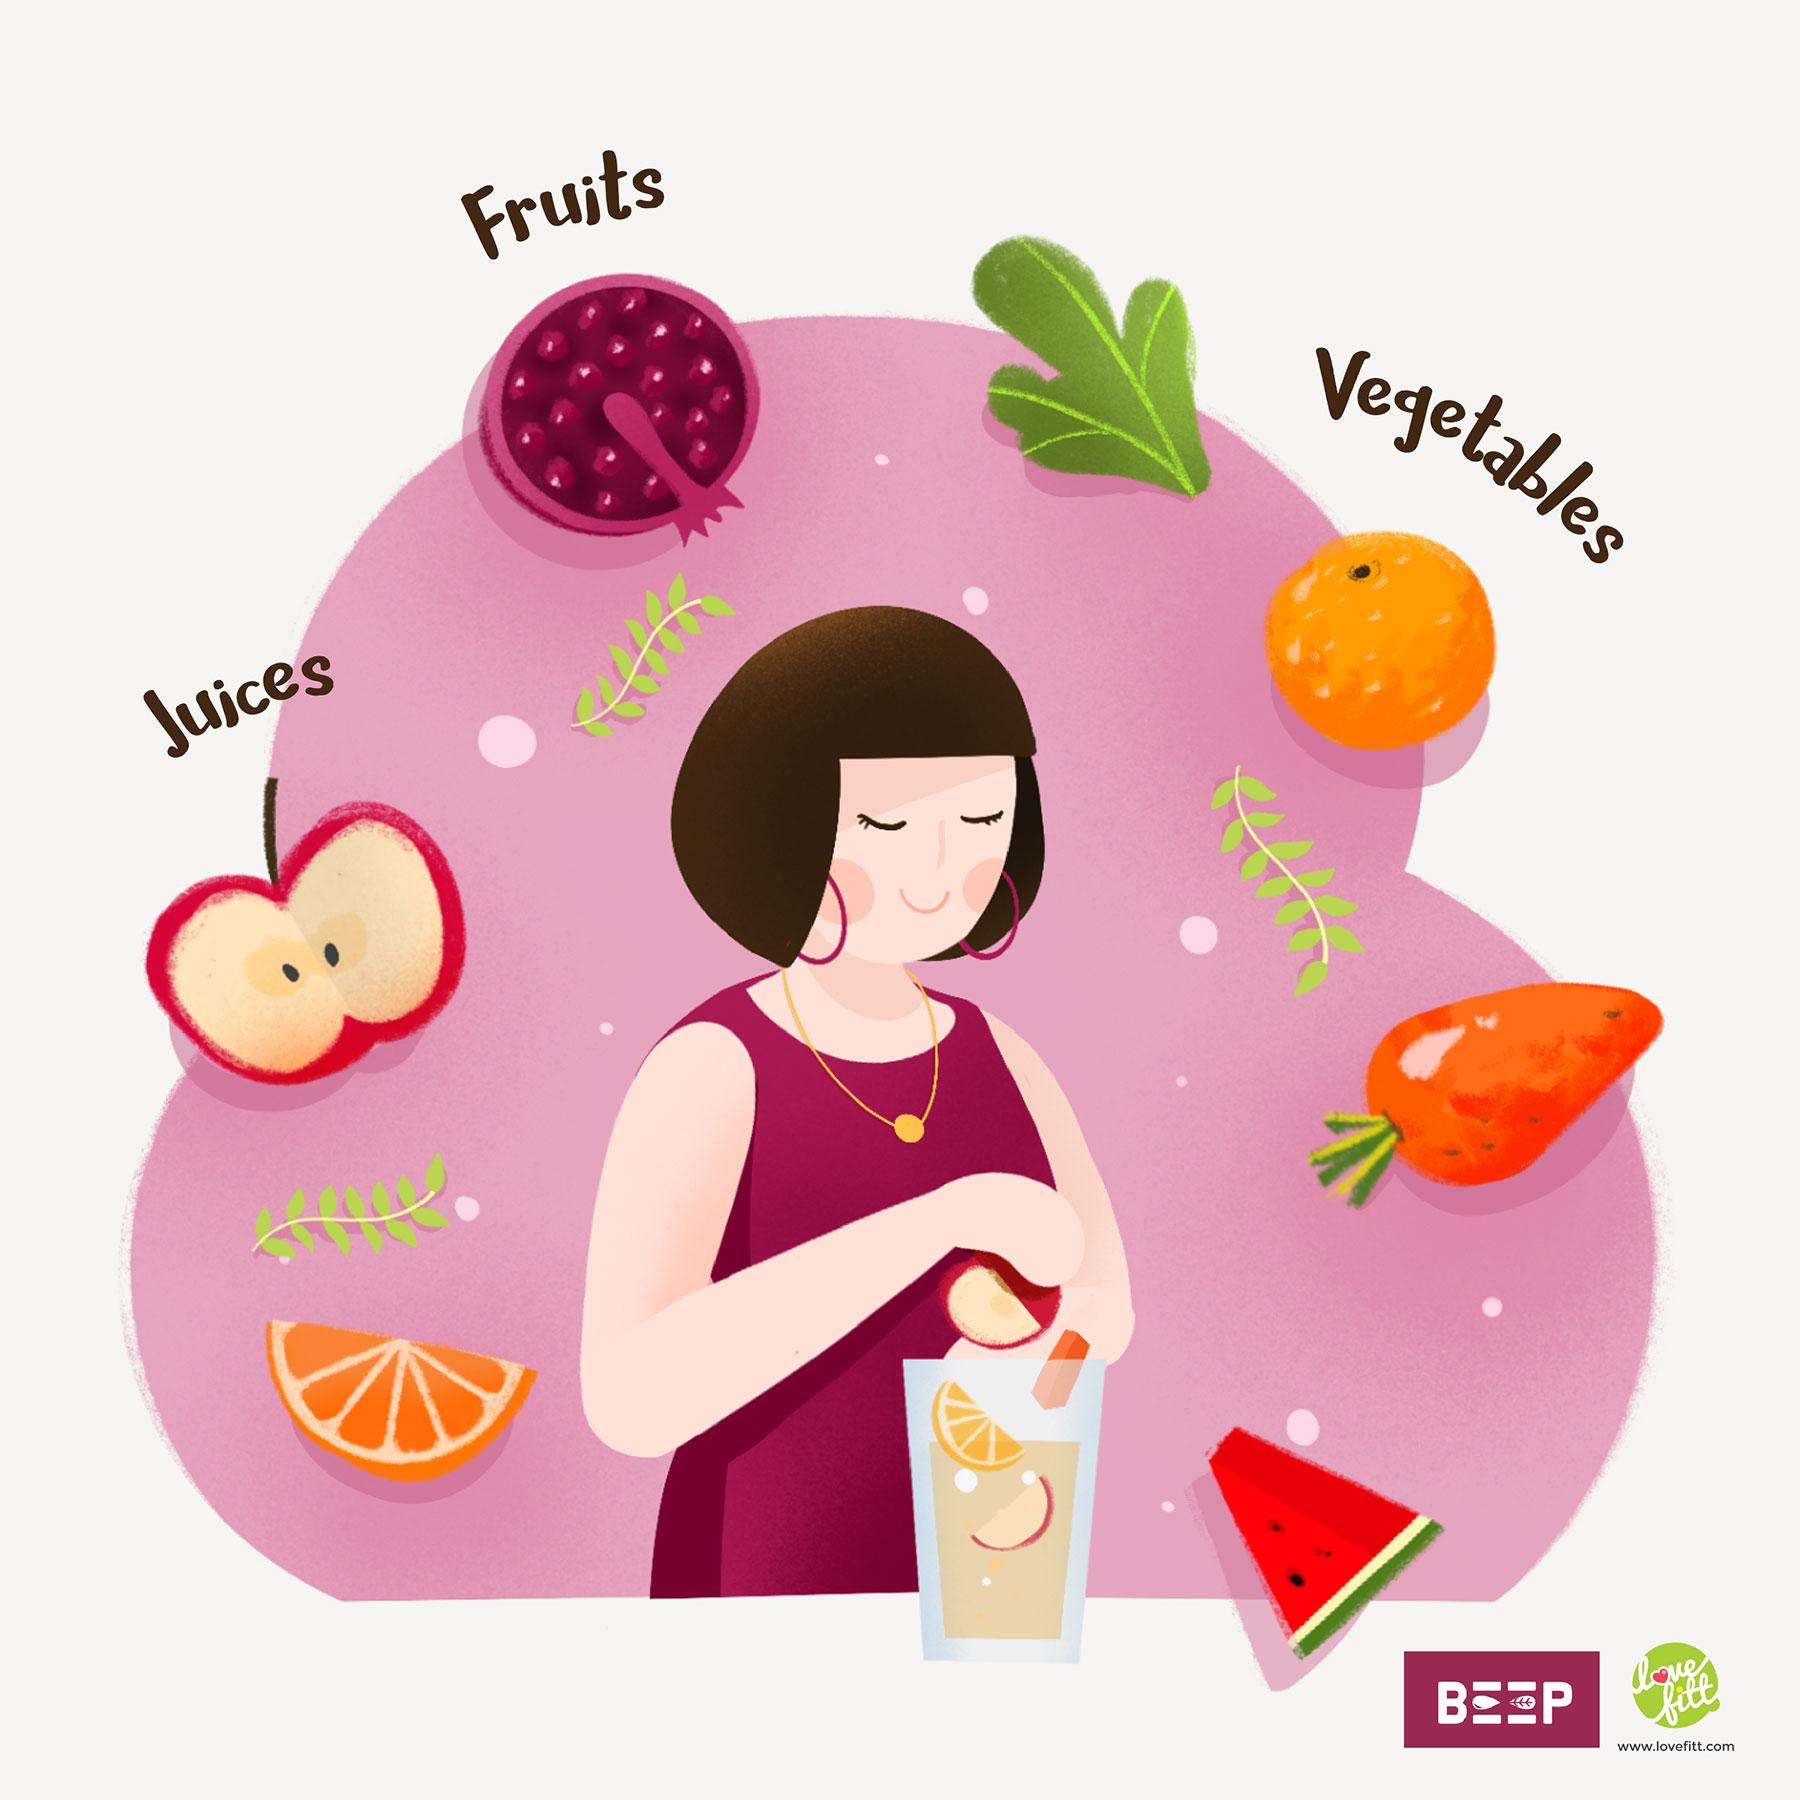 เลือกน้ำผลไม้เพื่อสุขภาพ